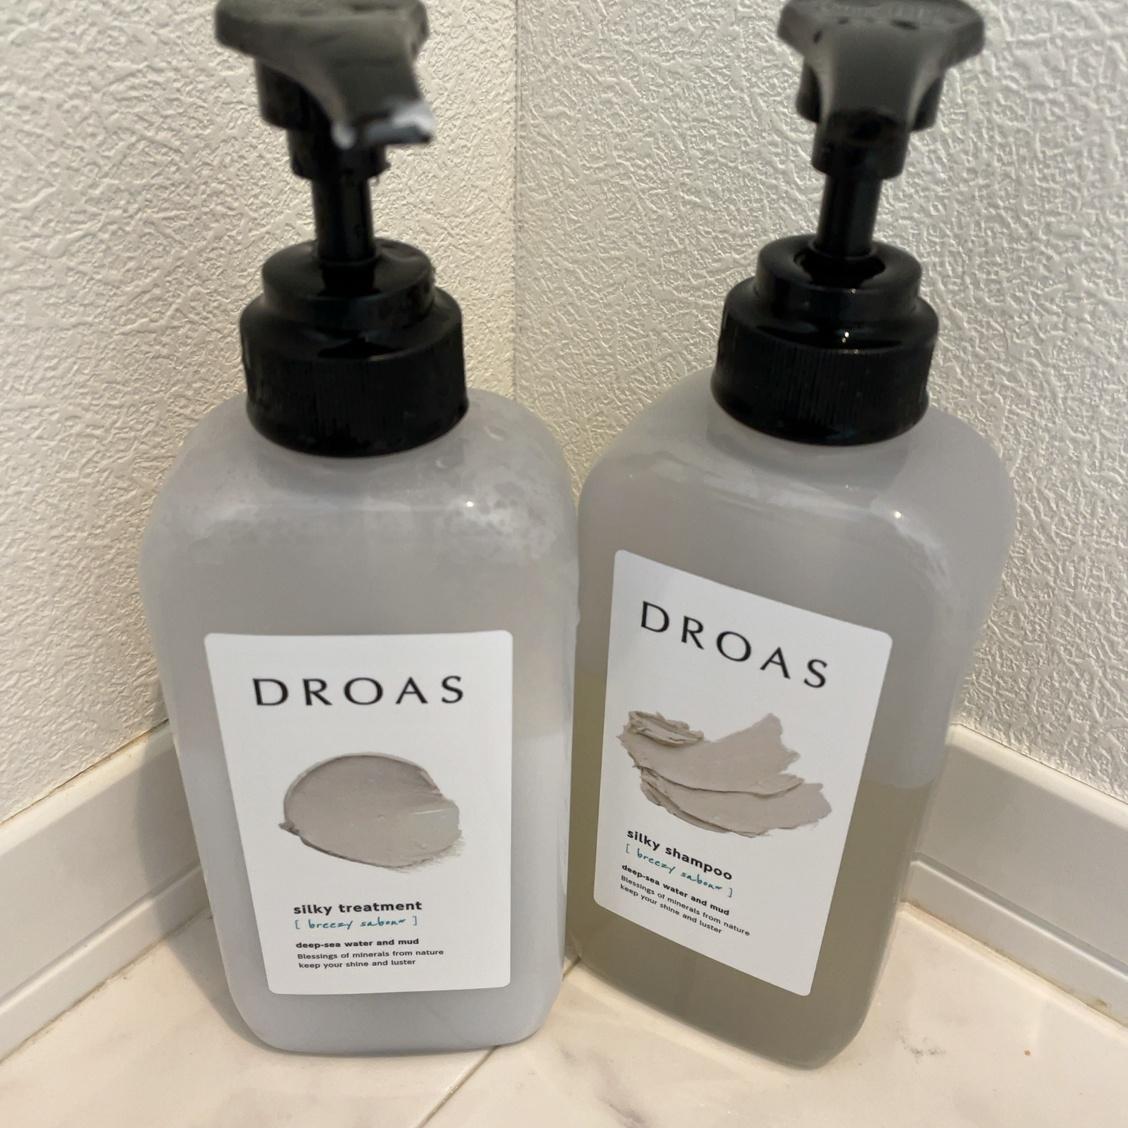 DROAS(ドロアス)シルキーシャンプー・シルキートリートメントを使ったくまちんさんのクチコミ画像